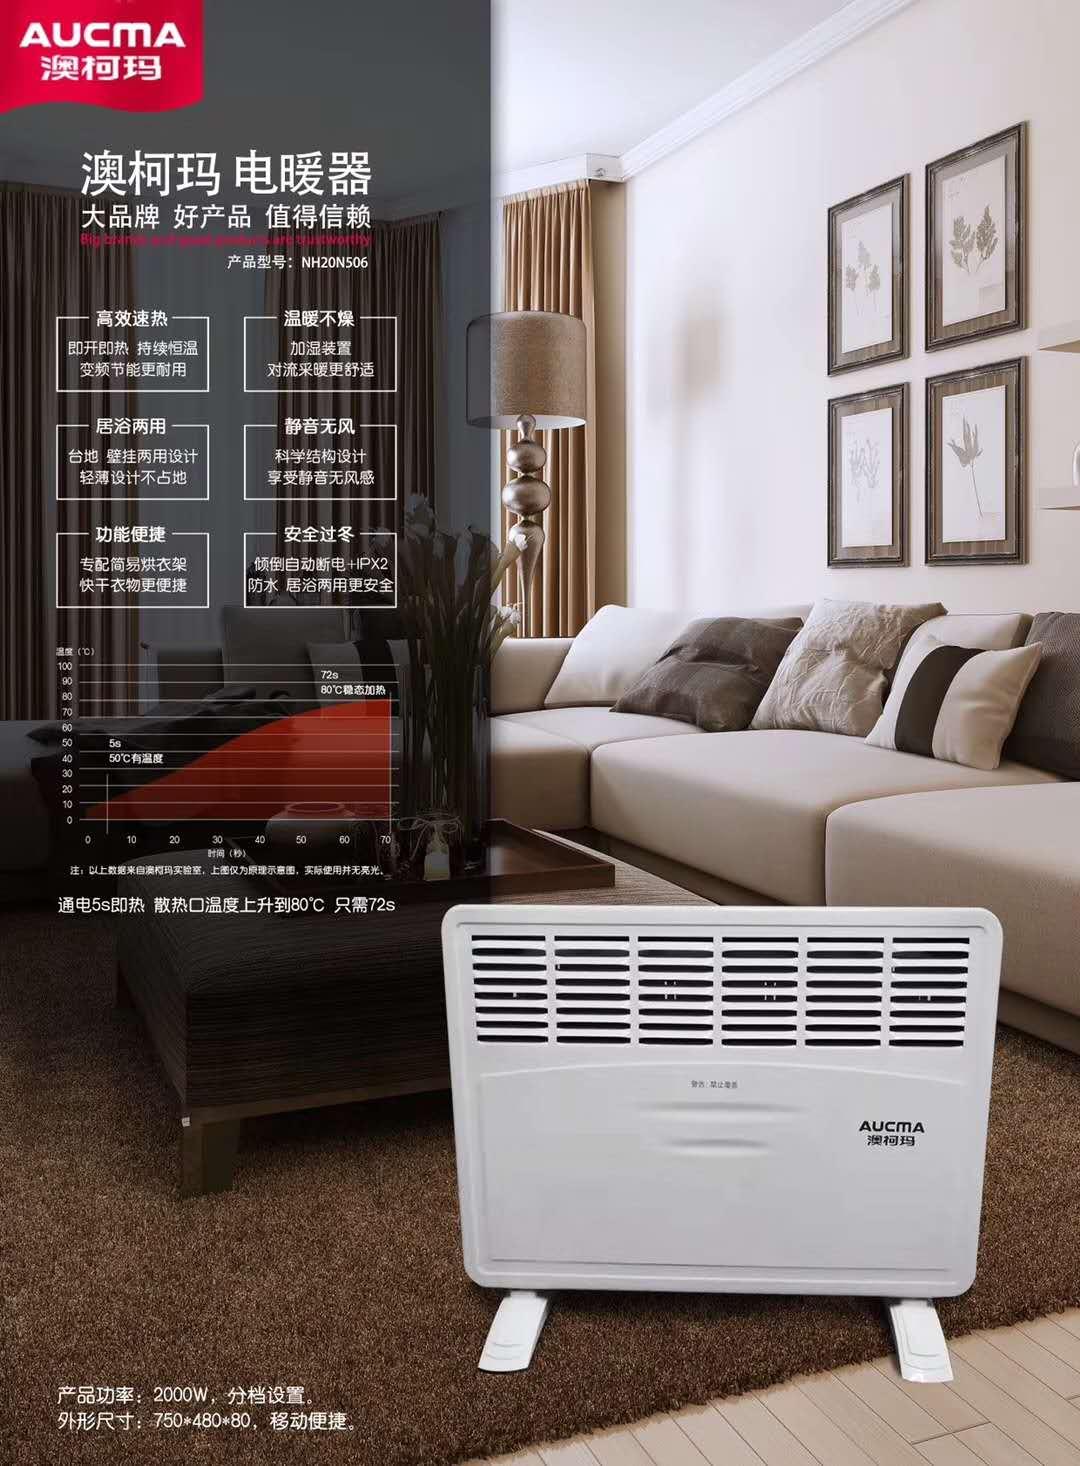 澳柯玛电暖气